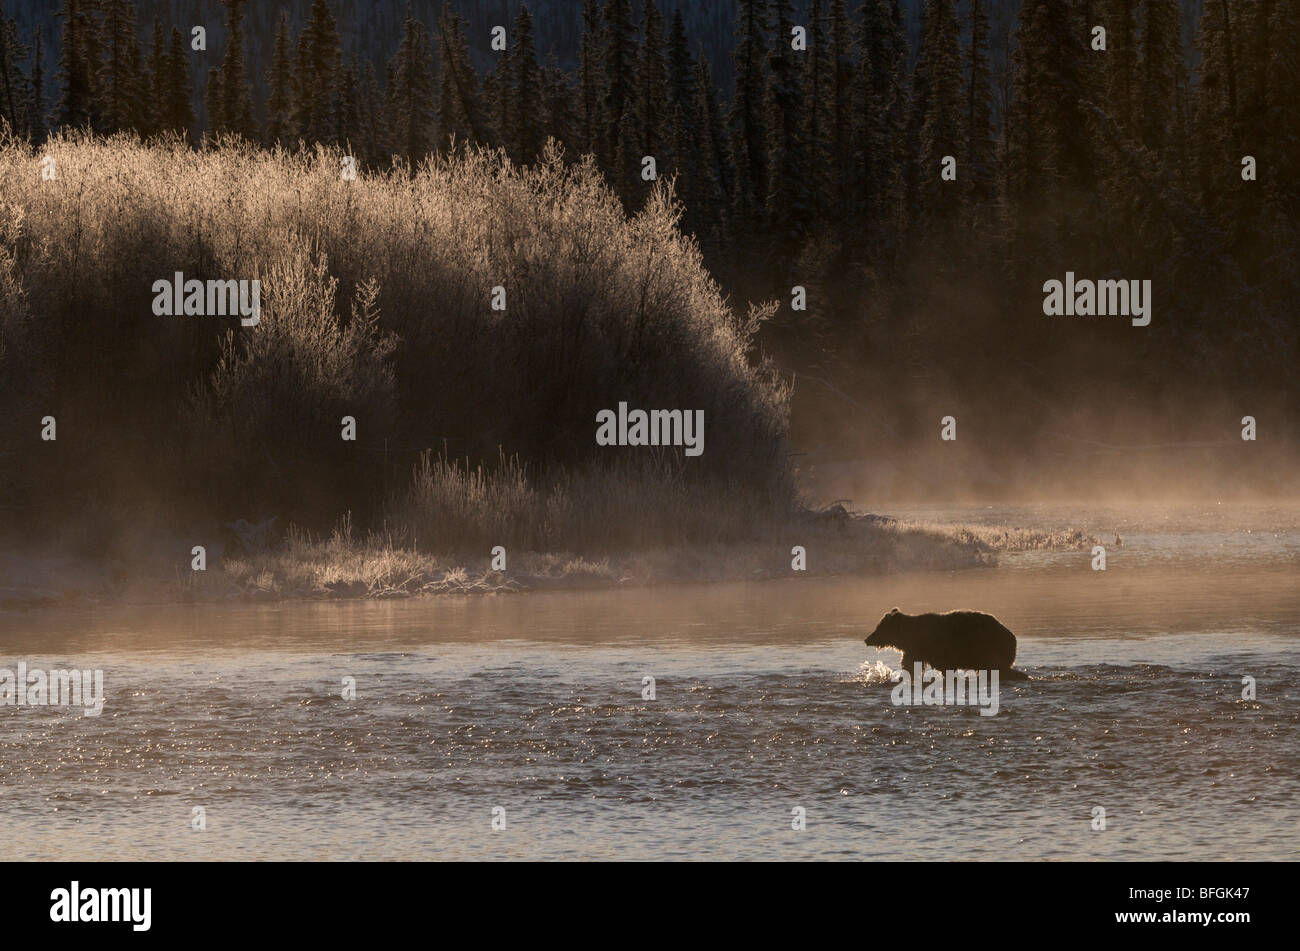 Oso grizzly (Ursus arctos) cruzando el río rama de pesca, Ni'iinlii Njik reserva ecológica, el Territorio Imagen De Stock